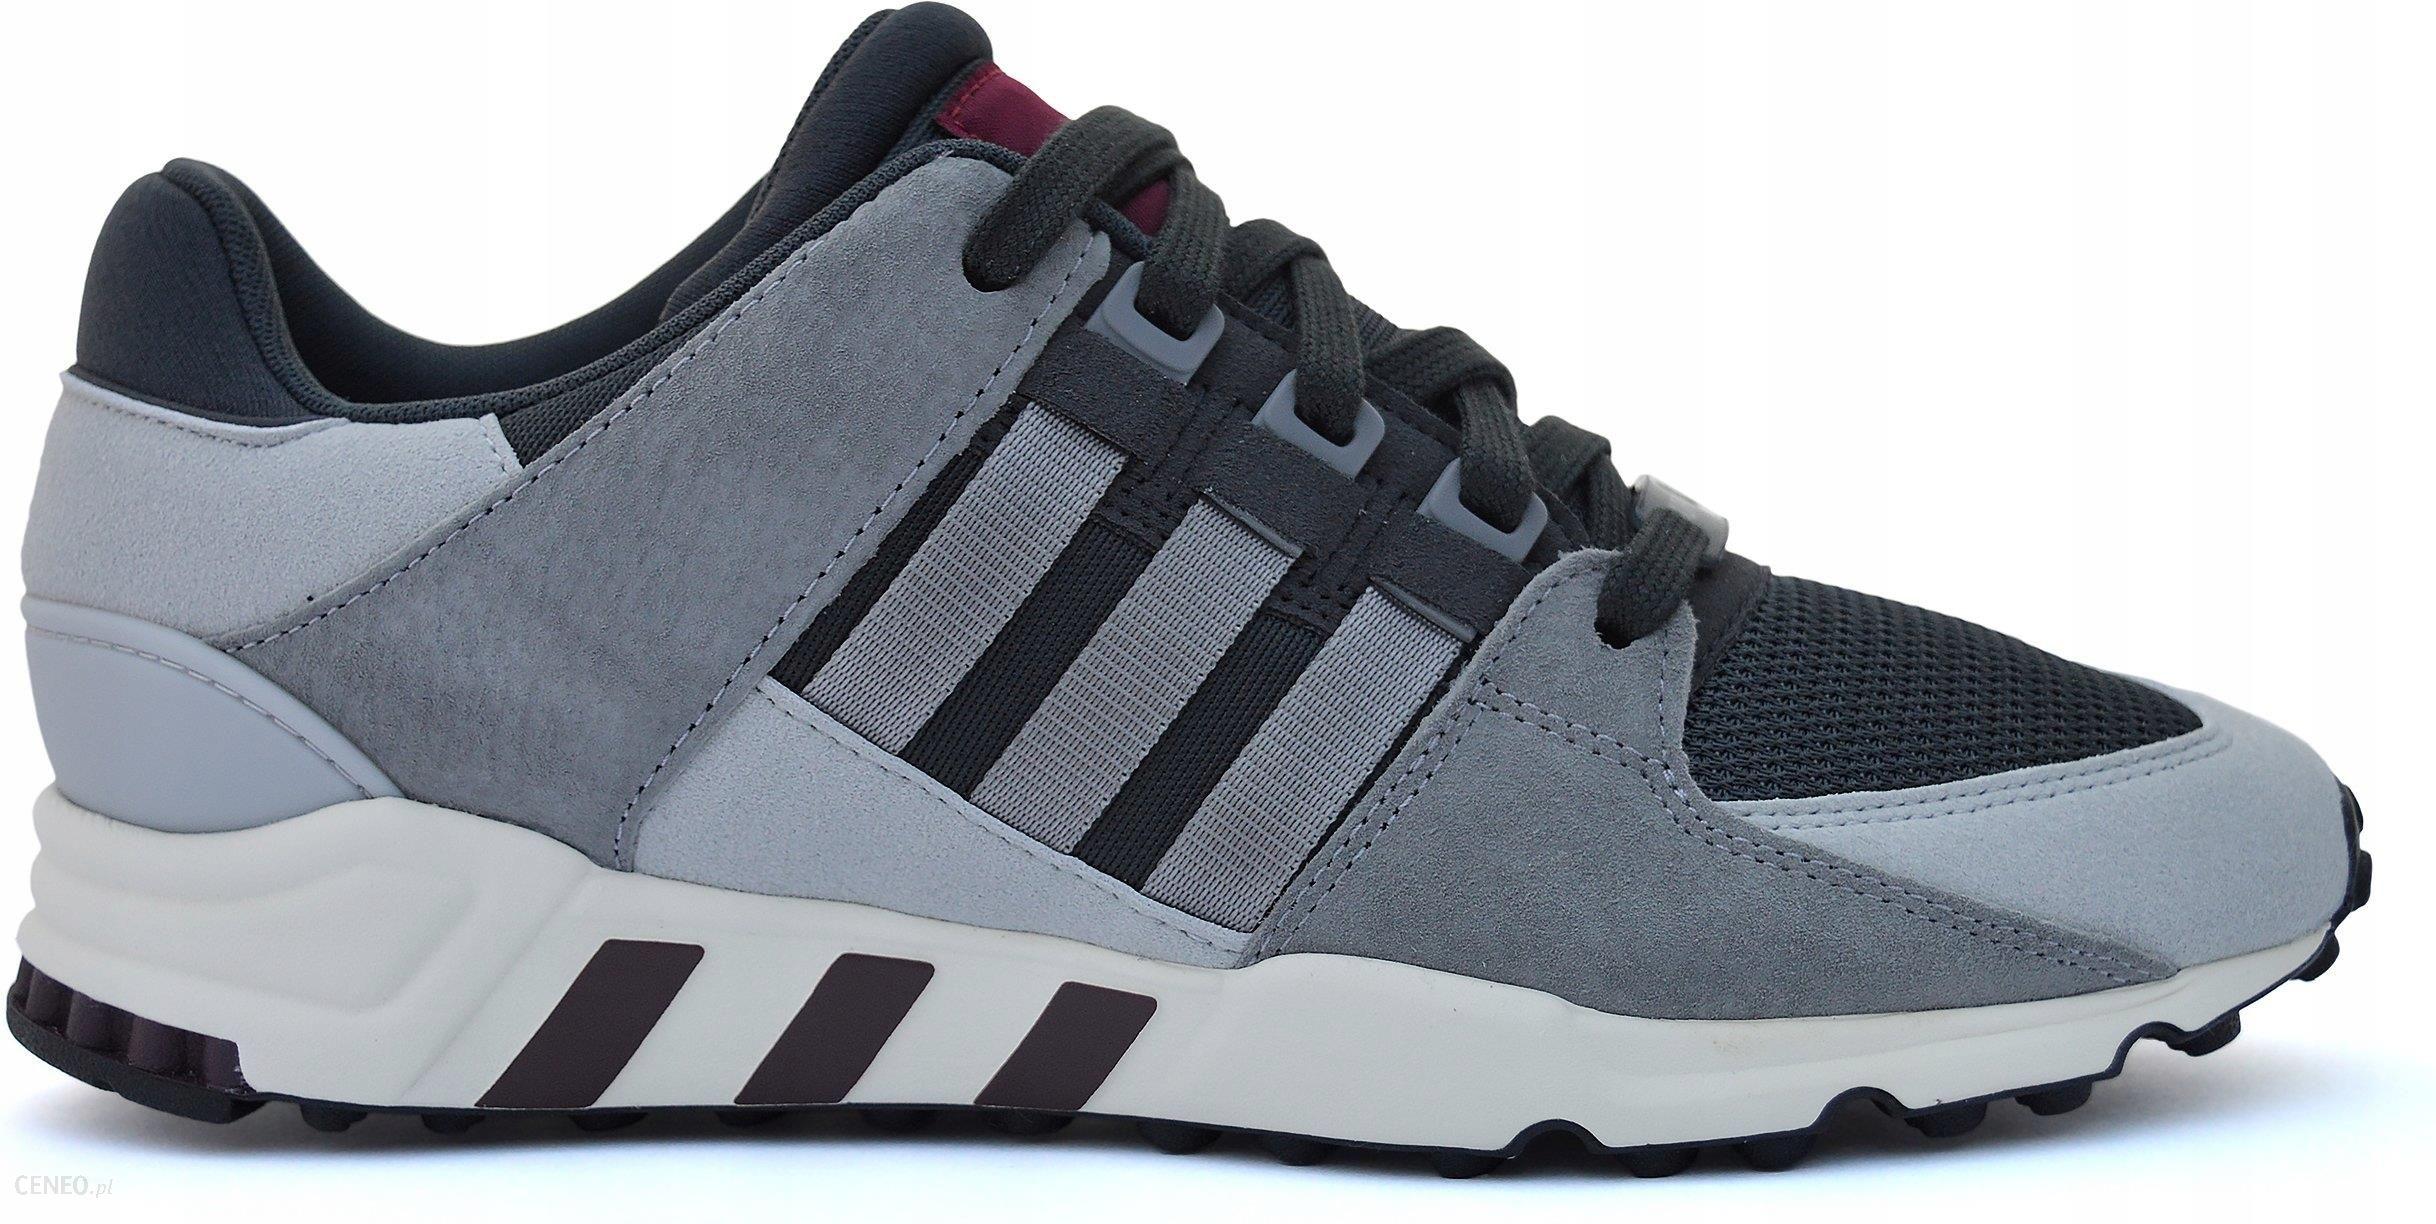 Buty Adidas Męskie Eqt Support Rf CQ2420 Szare Ceny i opinie Ceneo.pl